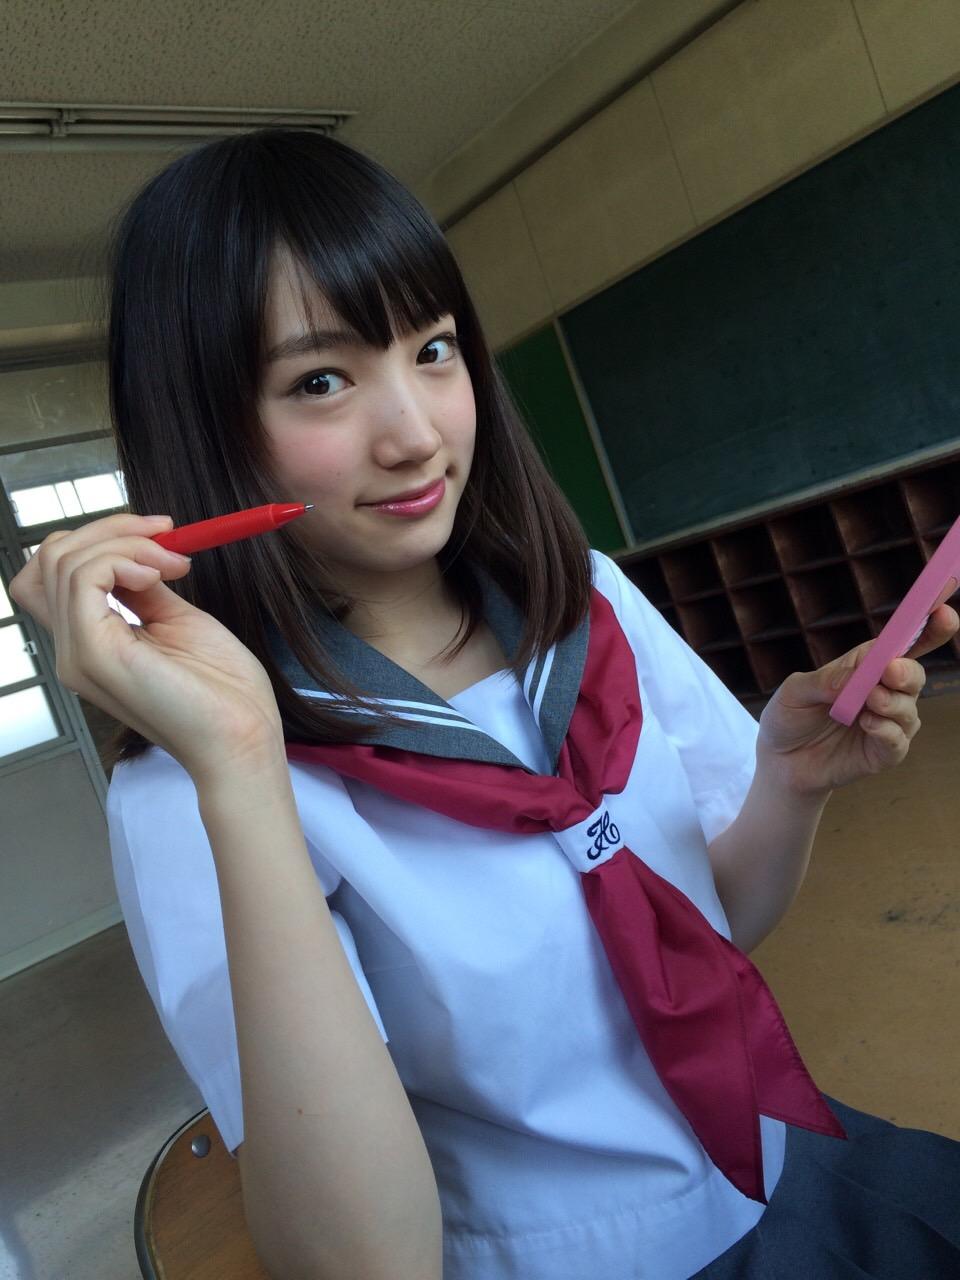 NMB48太田夢莉 エロ画像31枚!次代のエース・センター争いをしている美少女の水着グラビアぐうシコwww・21枚目の画像